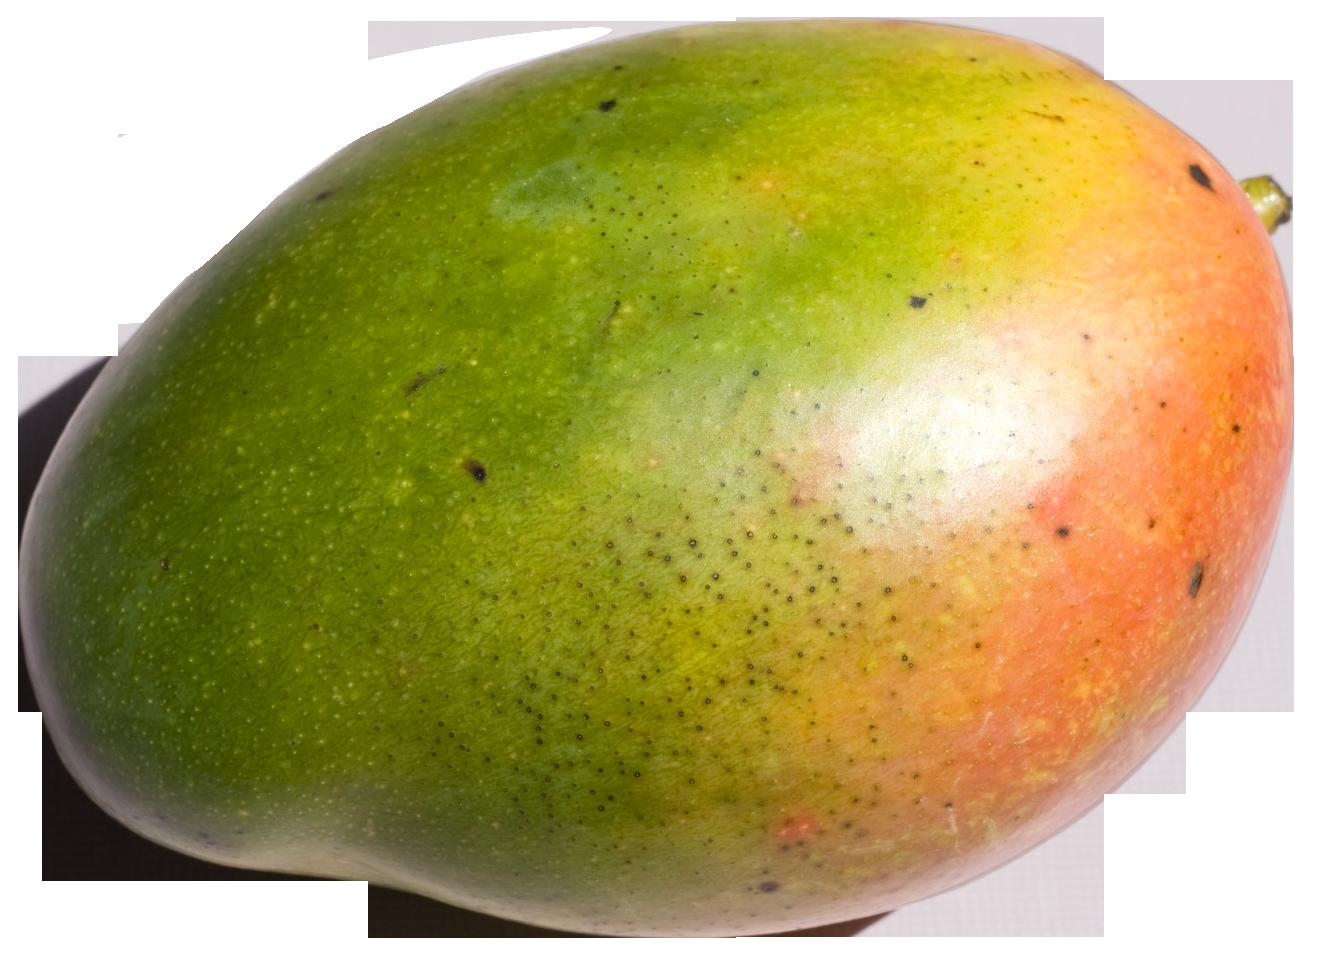 Mango PNG Image.